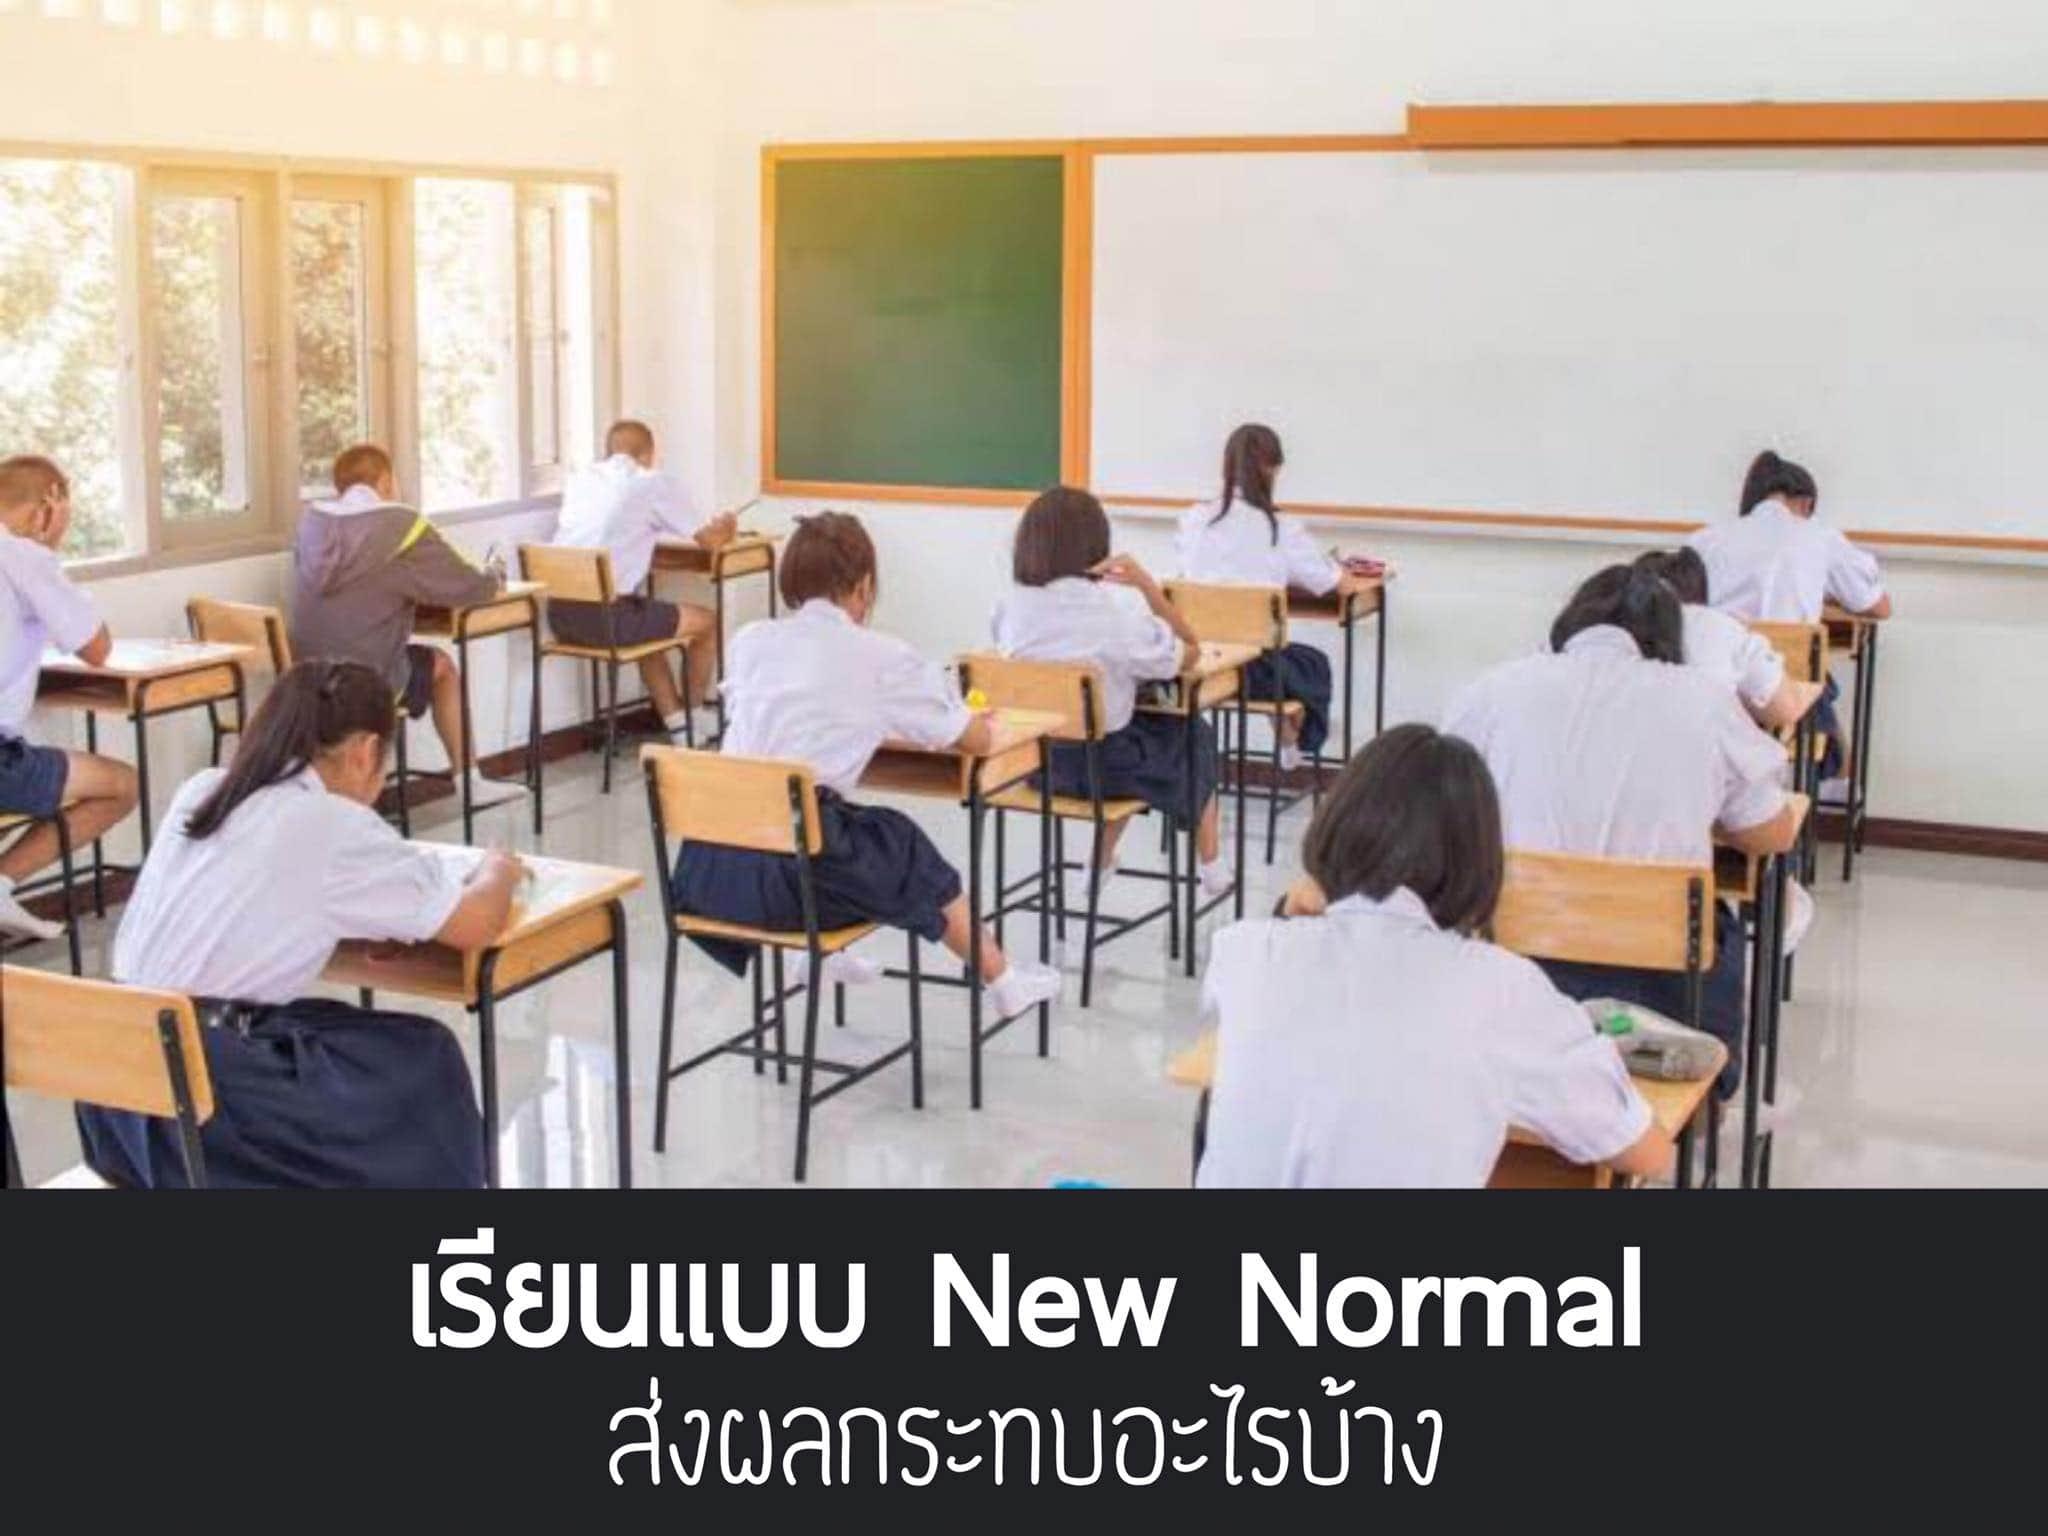 เรียนแบบ New Normal ส่งผลกระทบอะไรบ้าง กับเด็กยุคปัจจุบัน